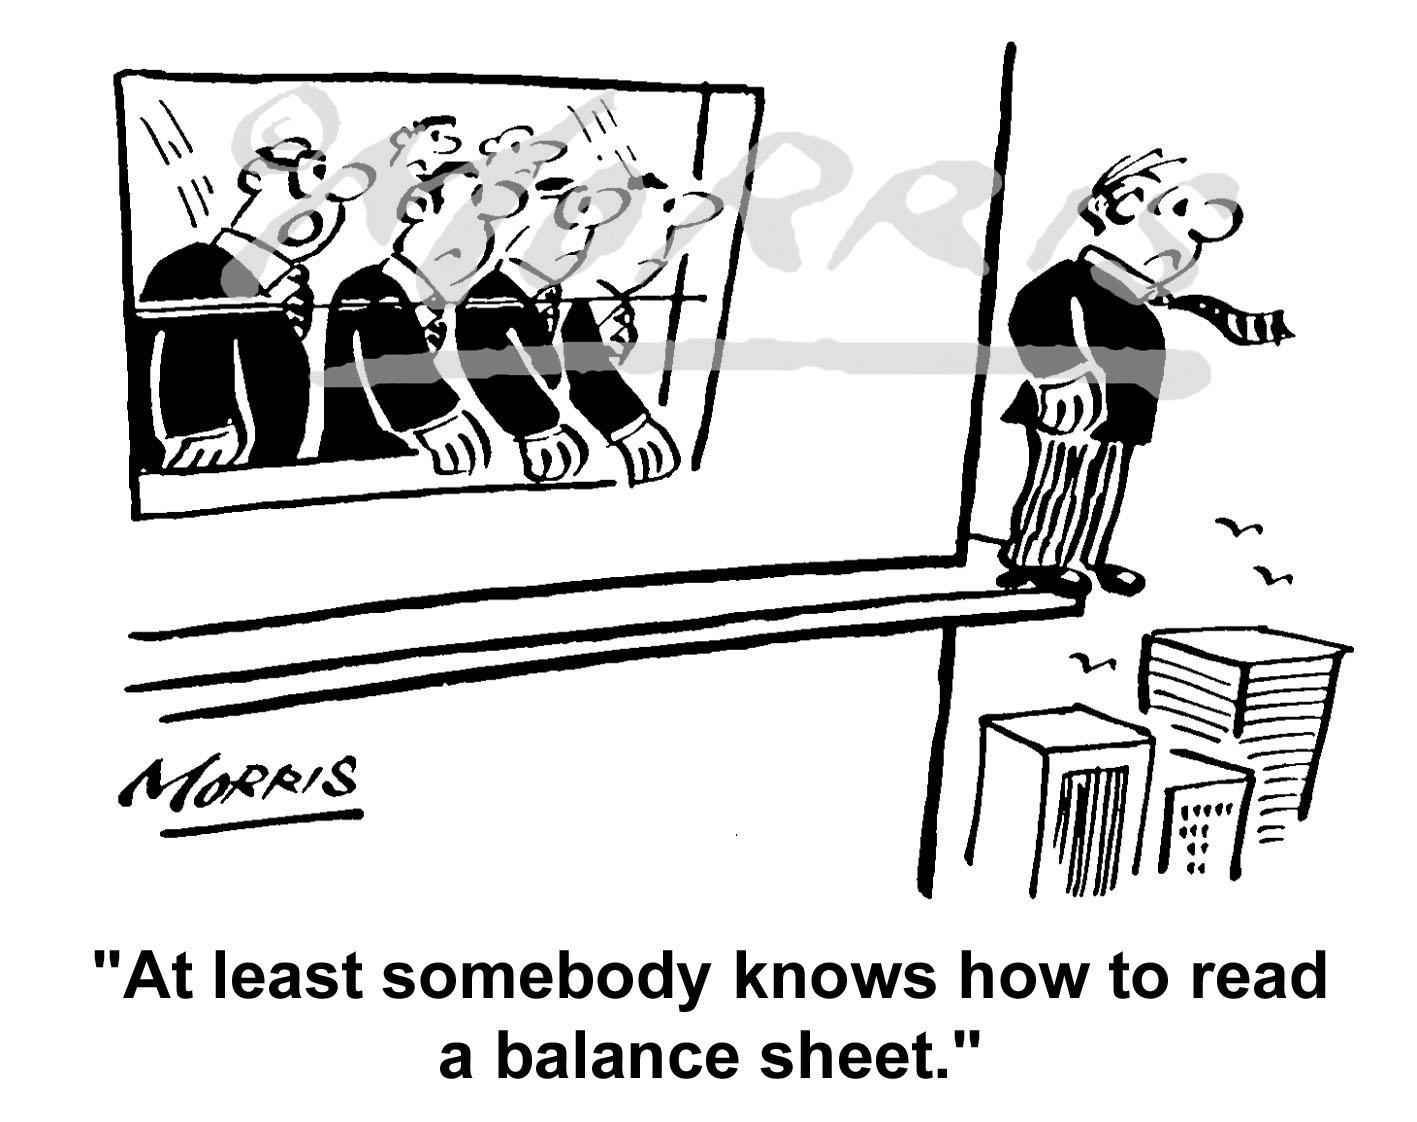 Office employee cartoon Ref: 1632bw